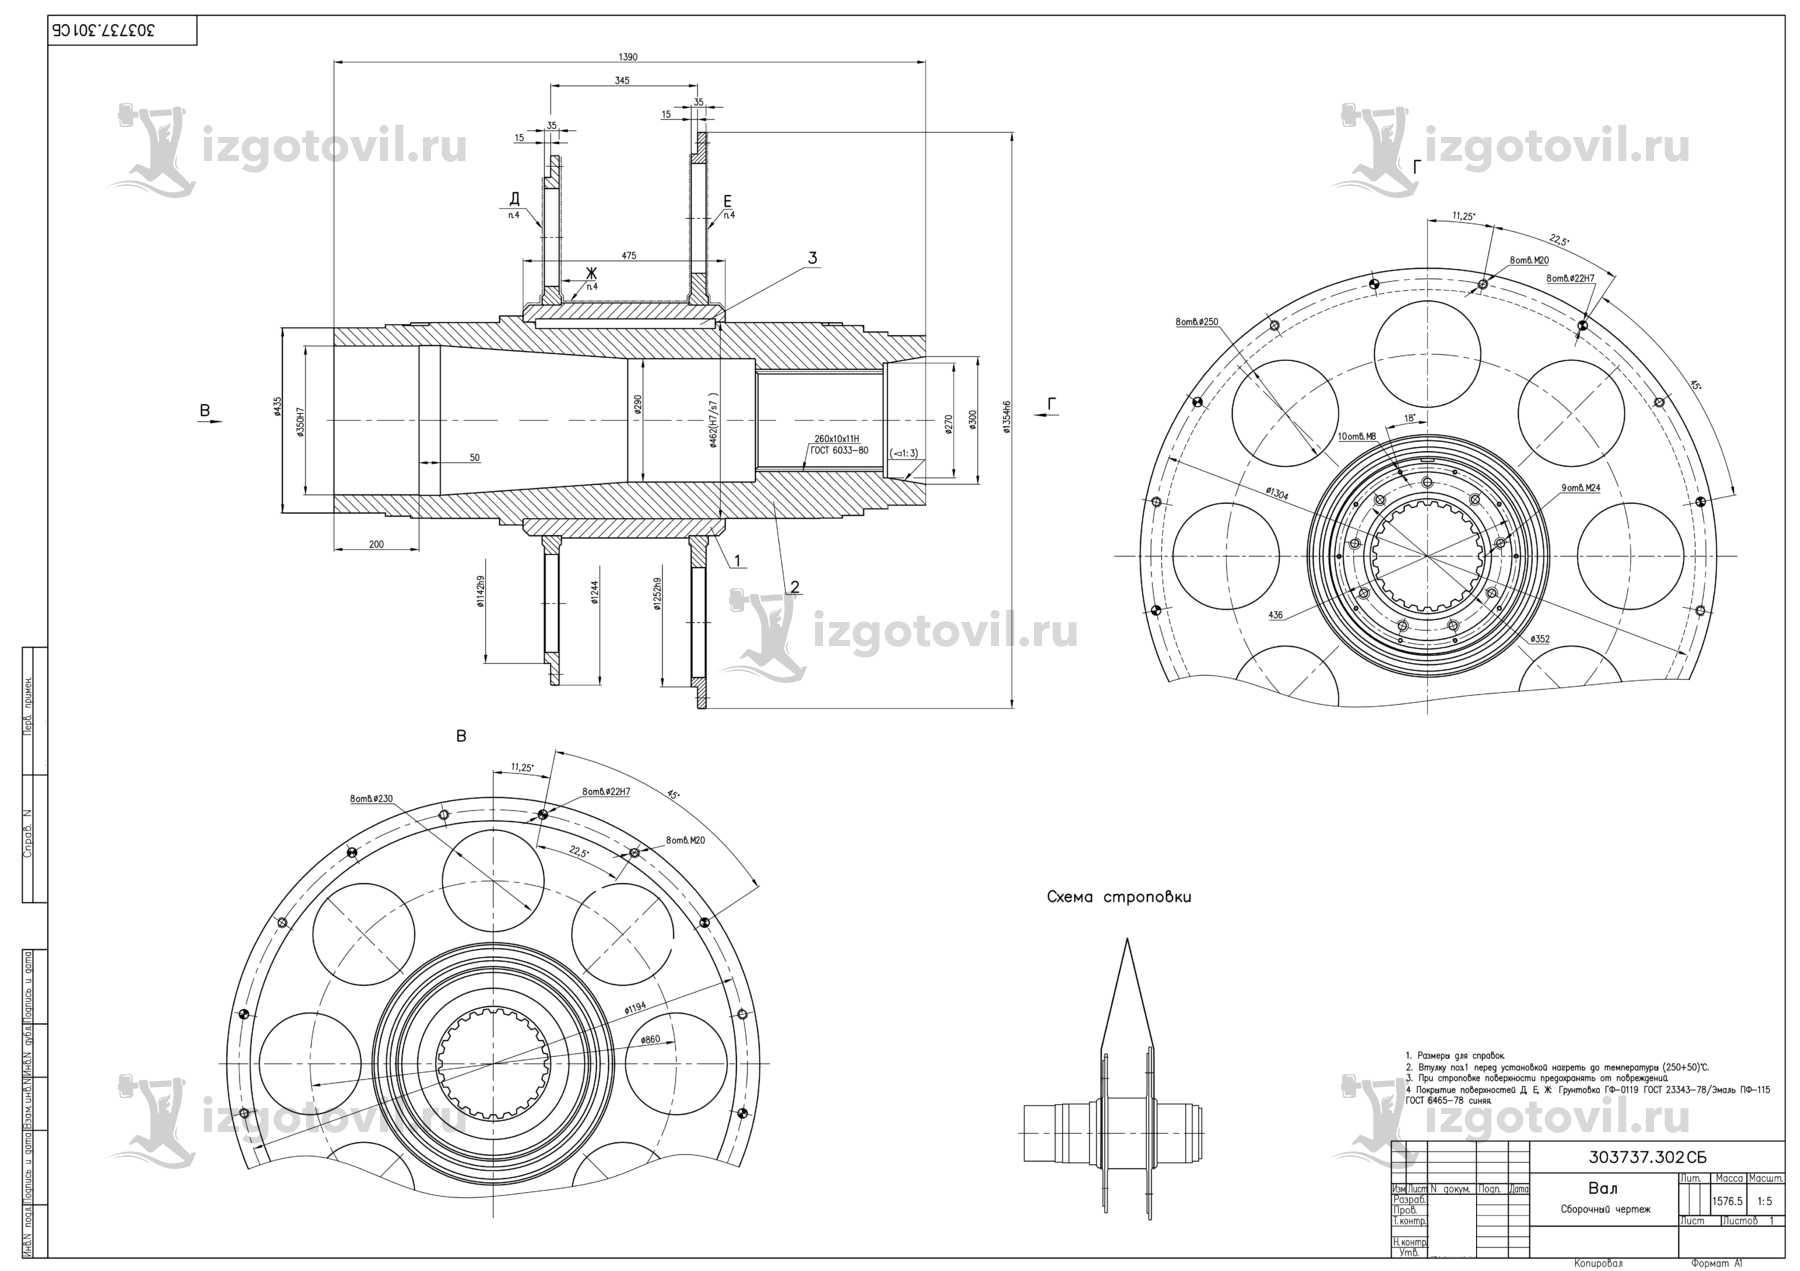 Изготовление деталей оборудования: вал